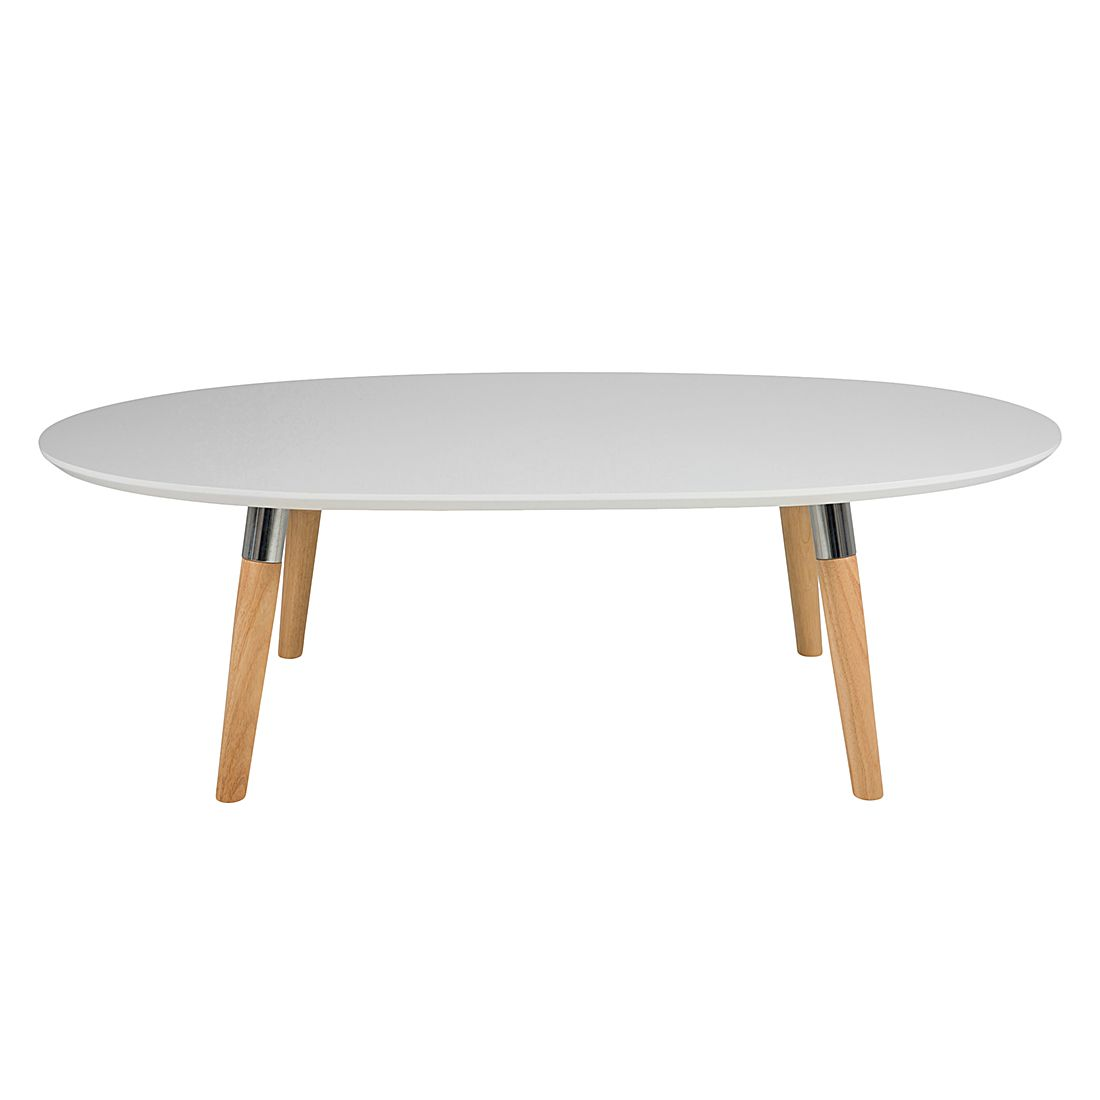 Tavolino da salotto Belino - Parzialmente in legno massello di quercia Bianco, Morteens